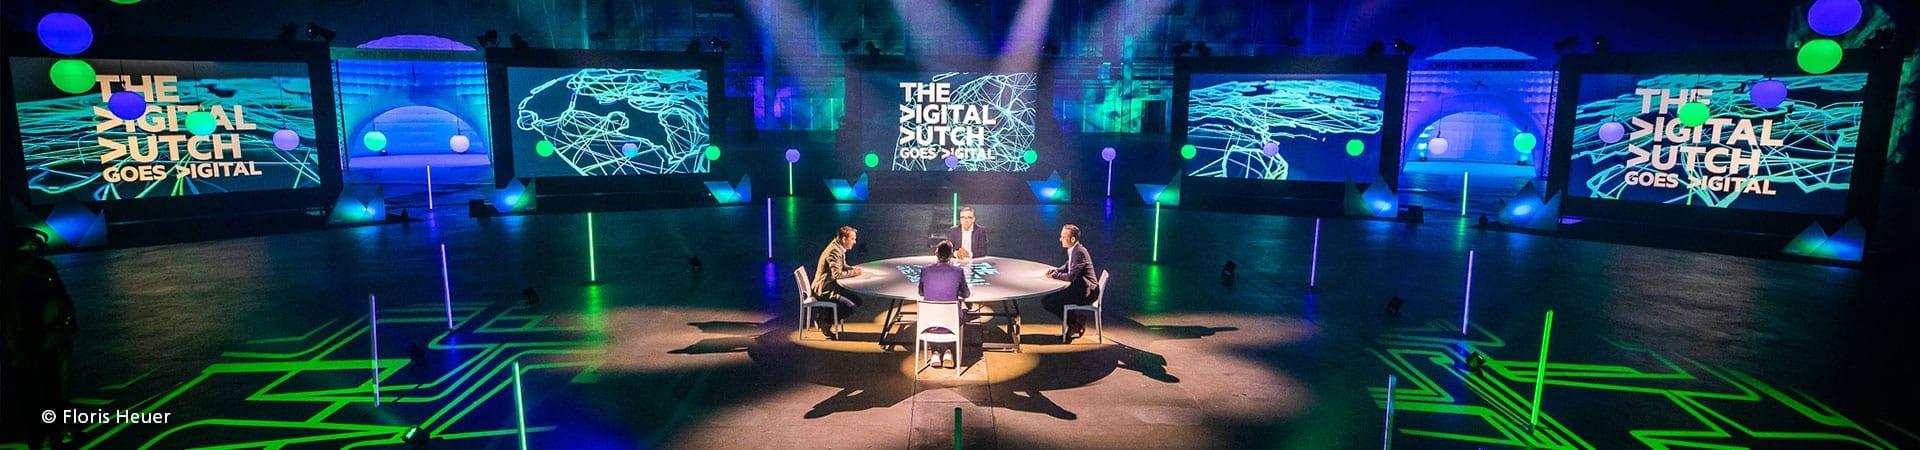 Digital Dutch Goes Digital